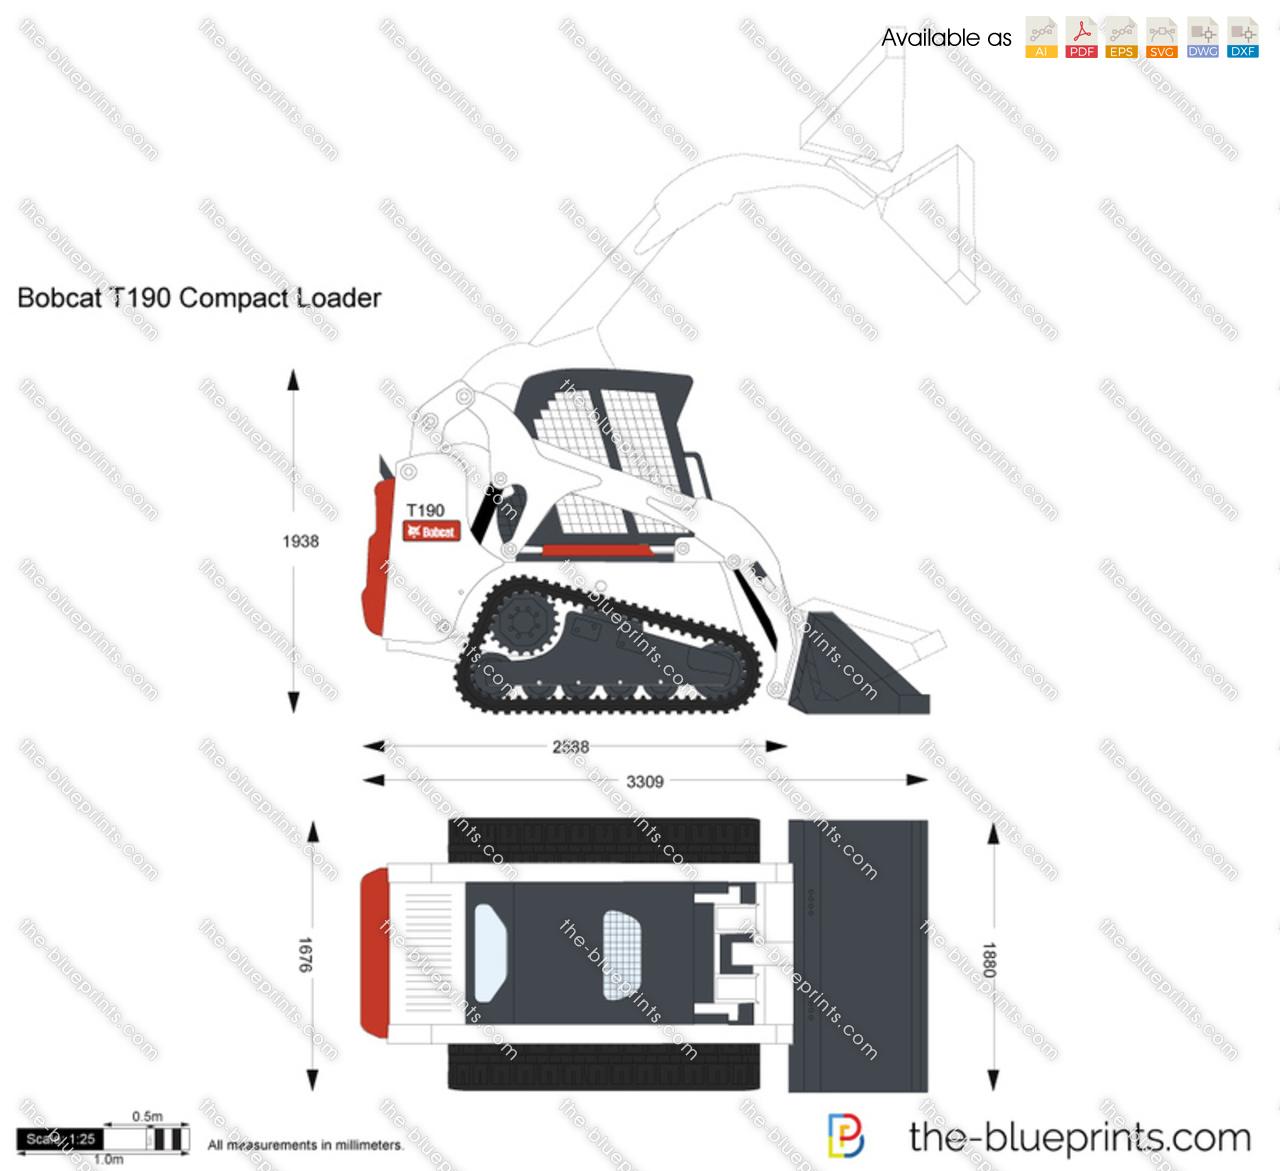 Bobcat T190 Compact Loader Vector Drawing